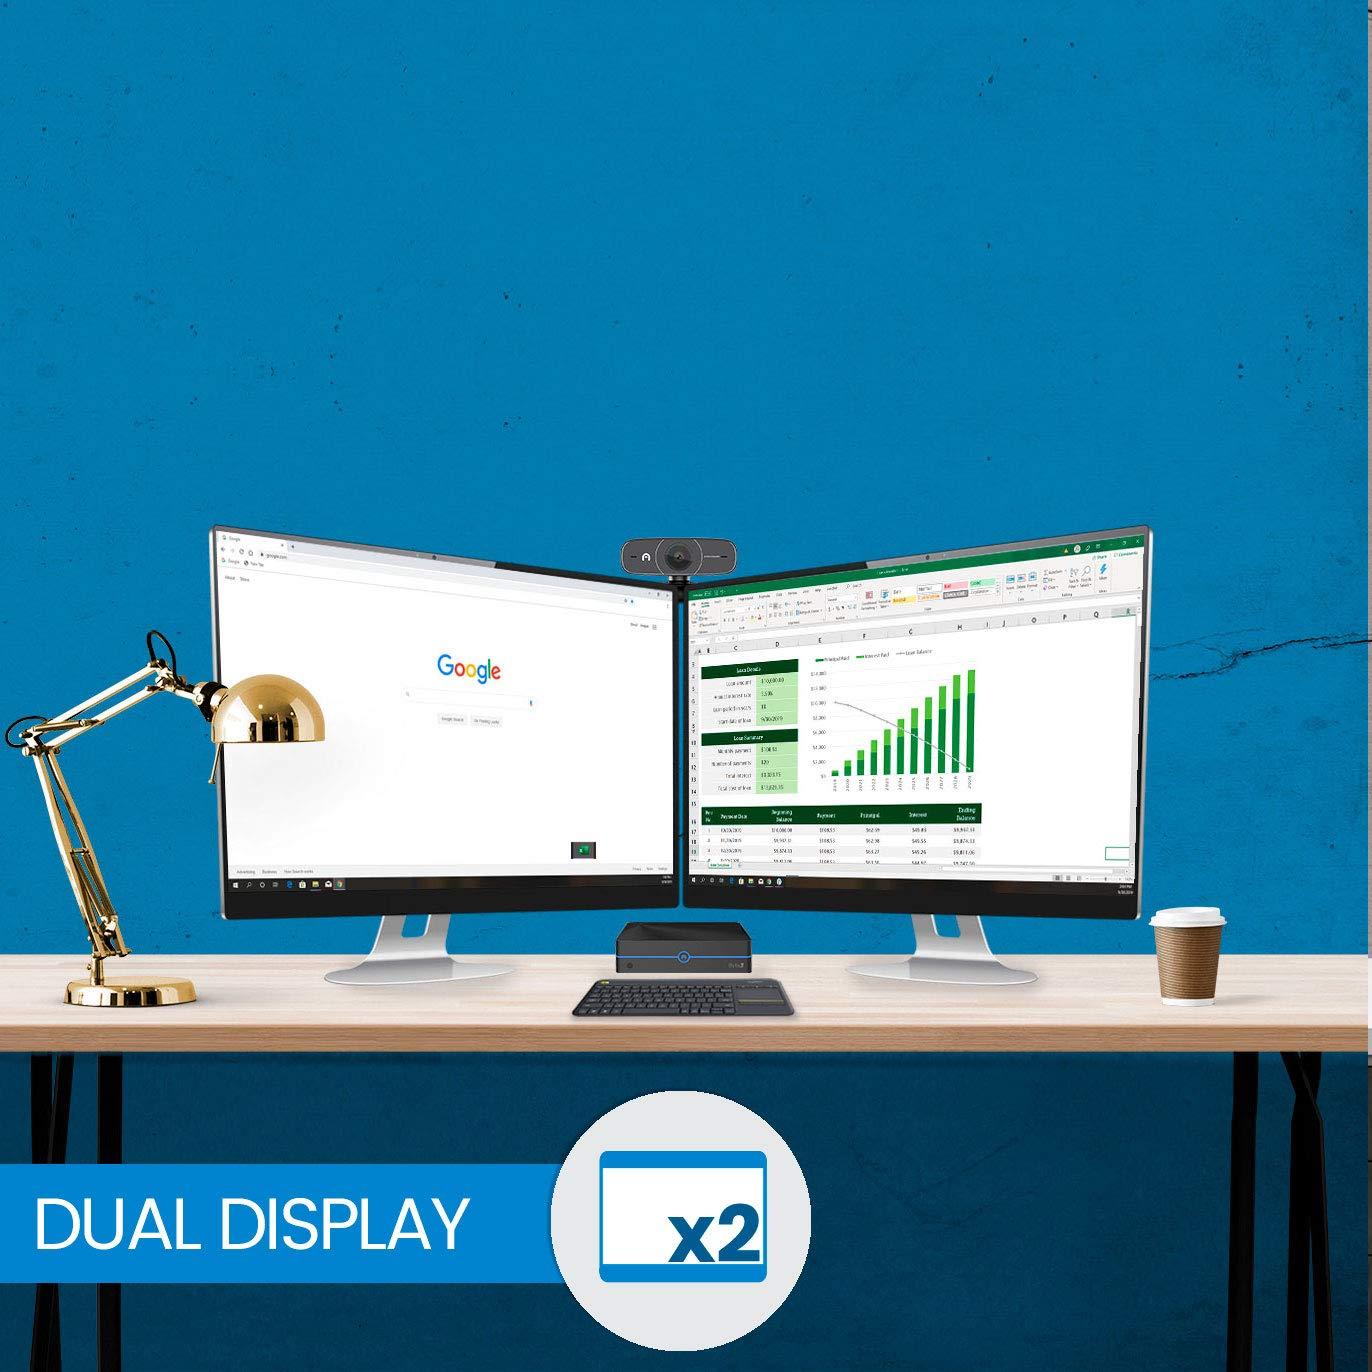 8GB//32GB Azulle Byte3 Mini PC Bundle Fanless Windows 10 Pro with Logitech K400 Plus Keyboard